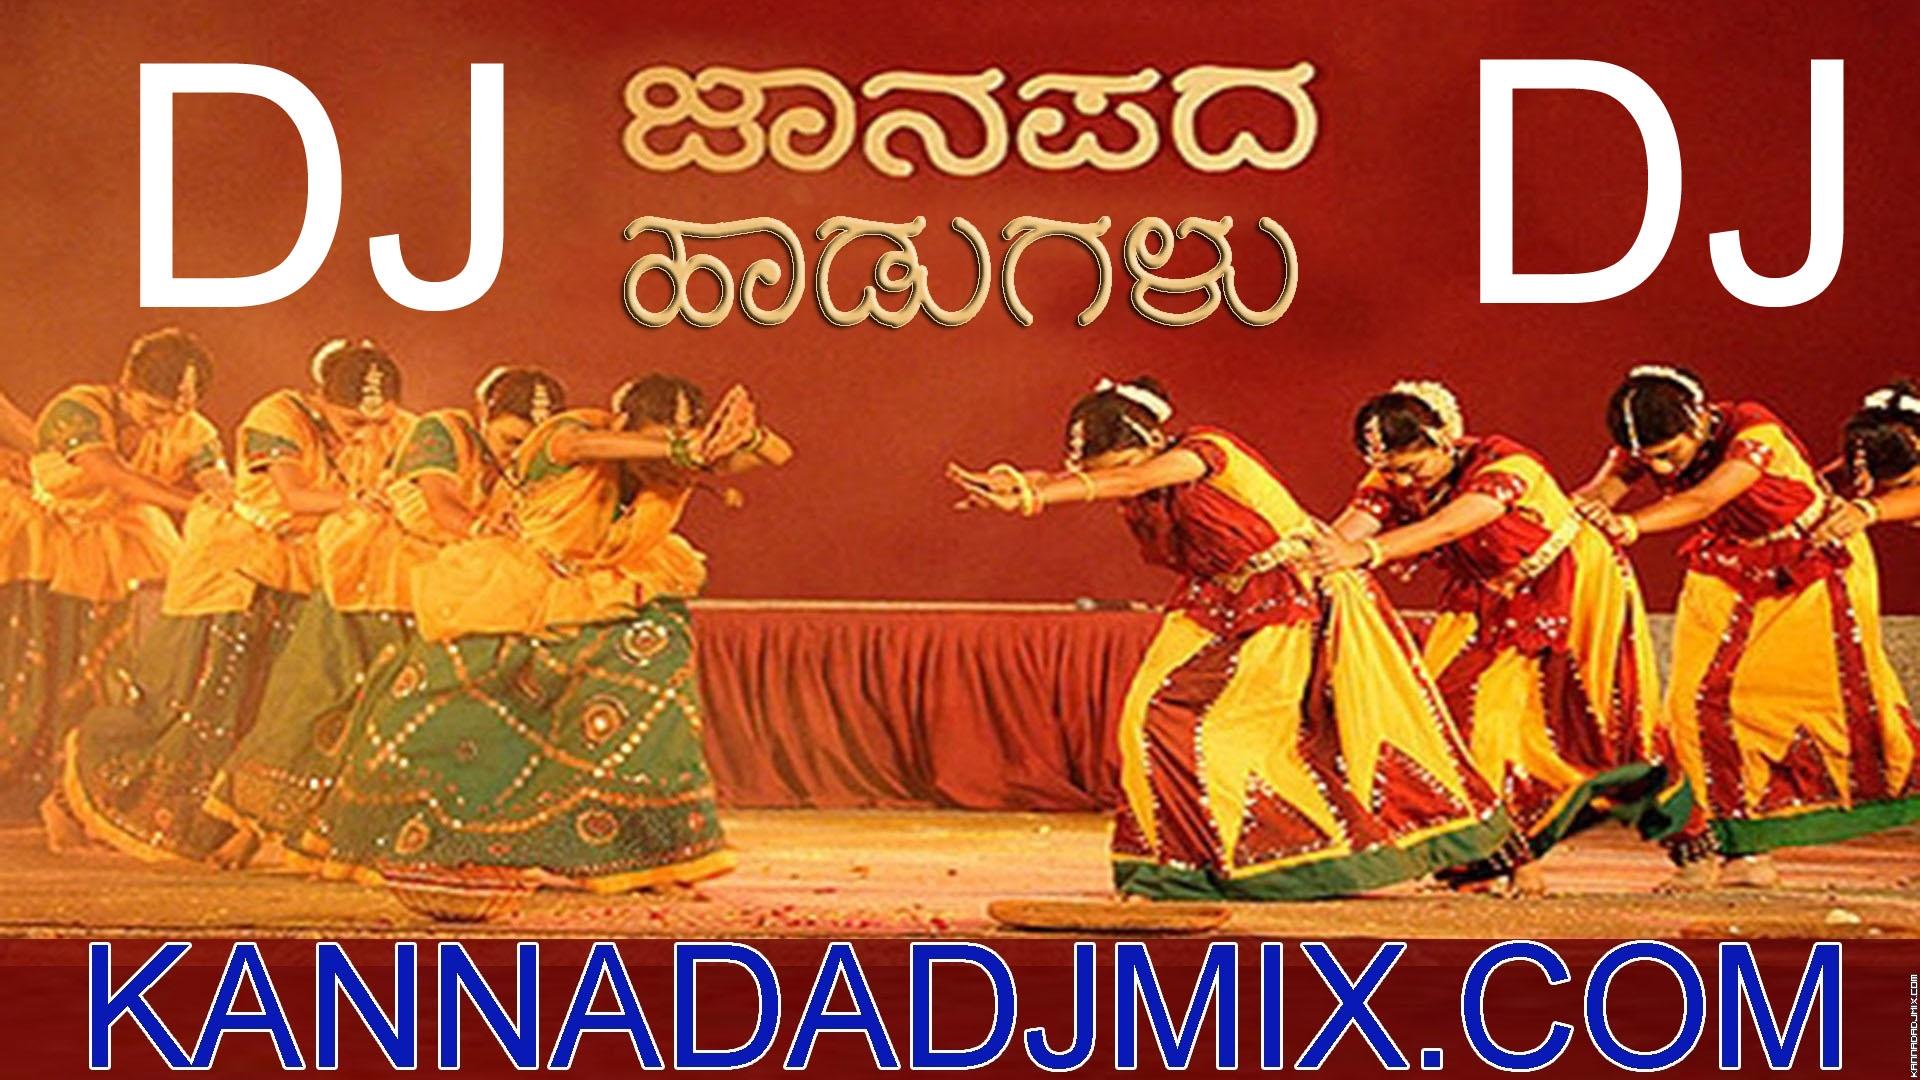 ಮಸ್ತ್ ಐತೋ ಪಾರಿವಾಳ (Dj Song)Mast Ayto Parivala.mp3